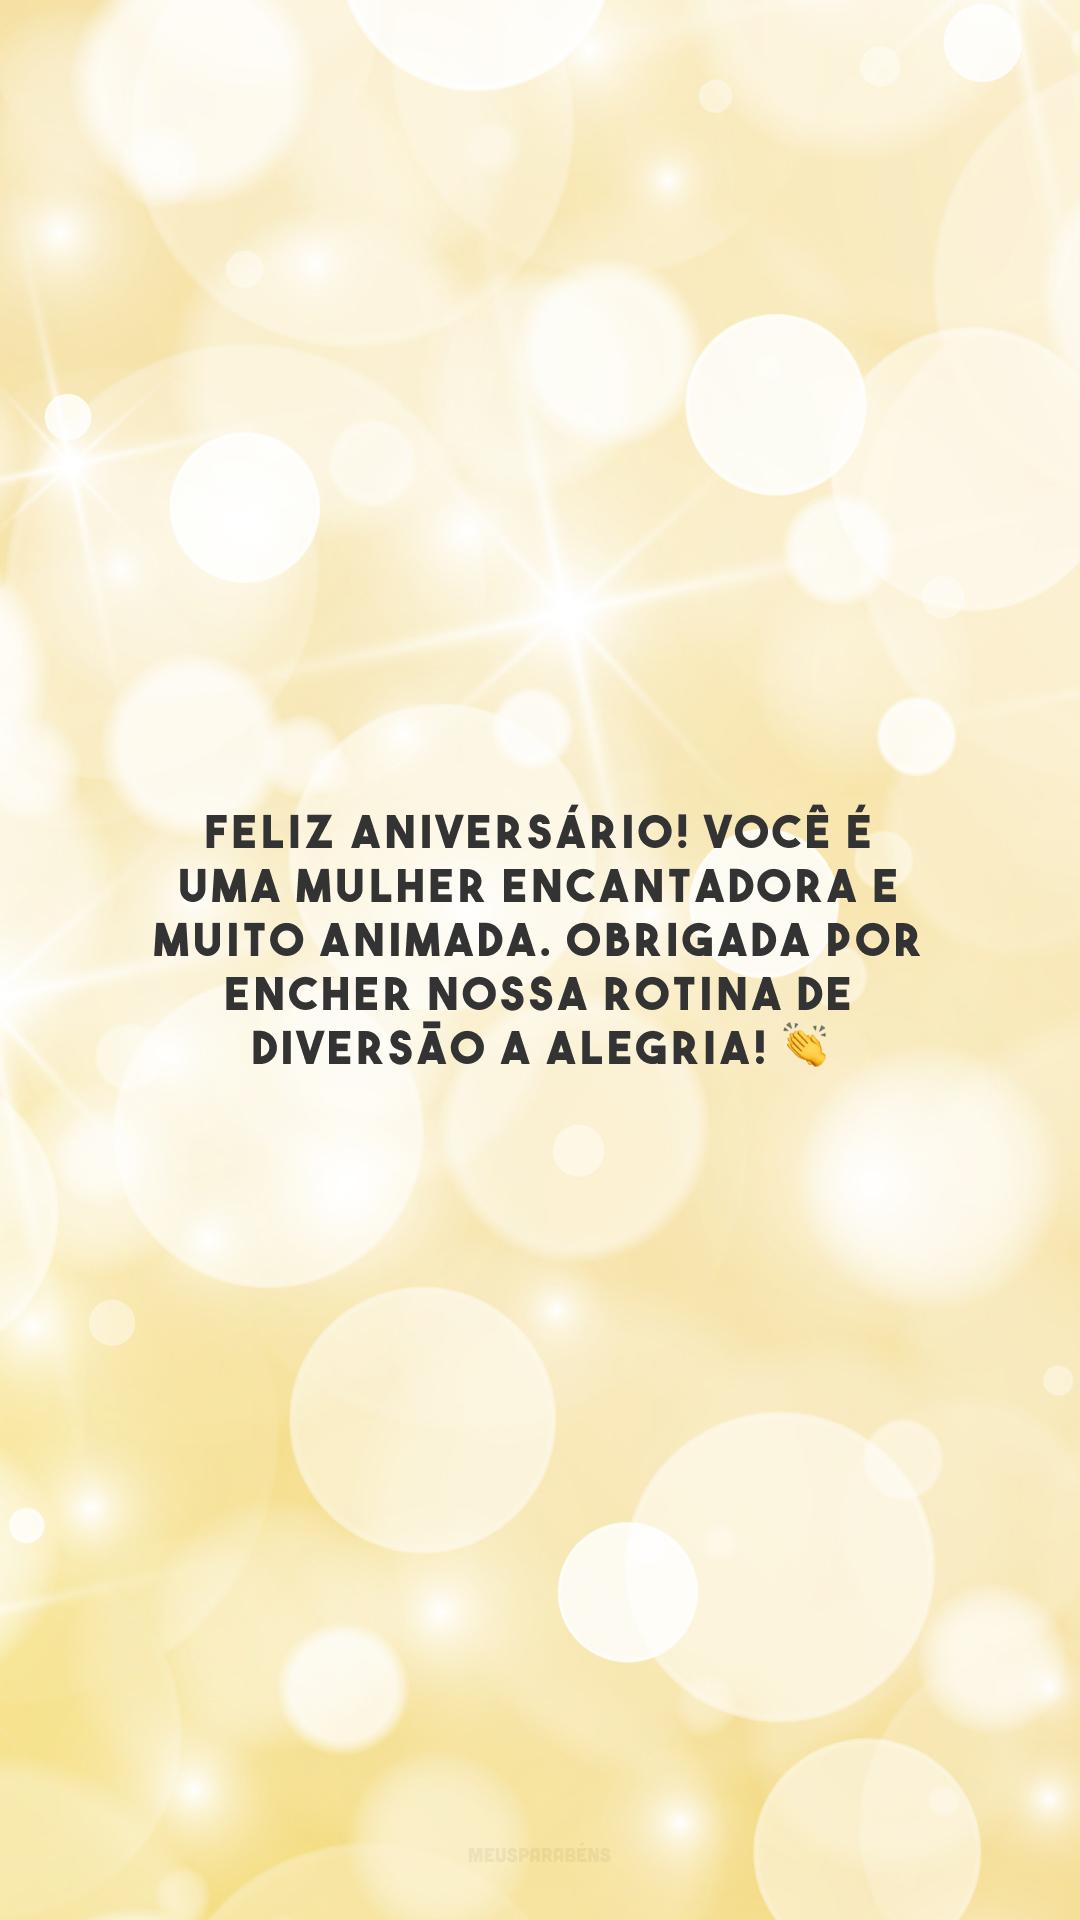 Feliz aniversário! Você é uma mulher encantadora e muito animada. Obrigada por encher nossa rotina de diversão a alegria! 👏